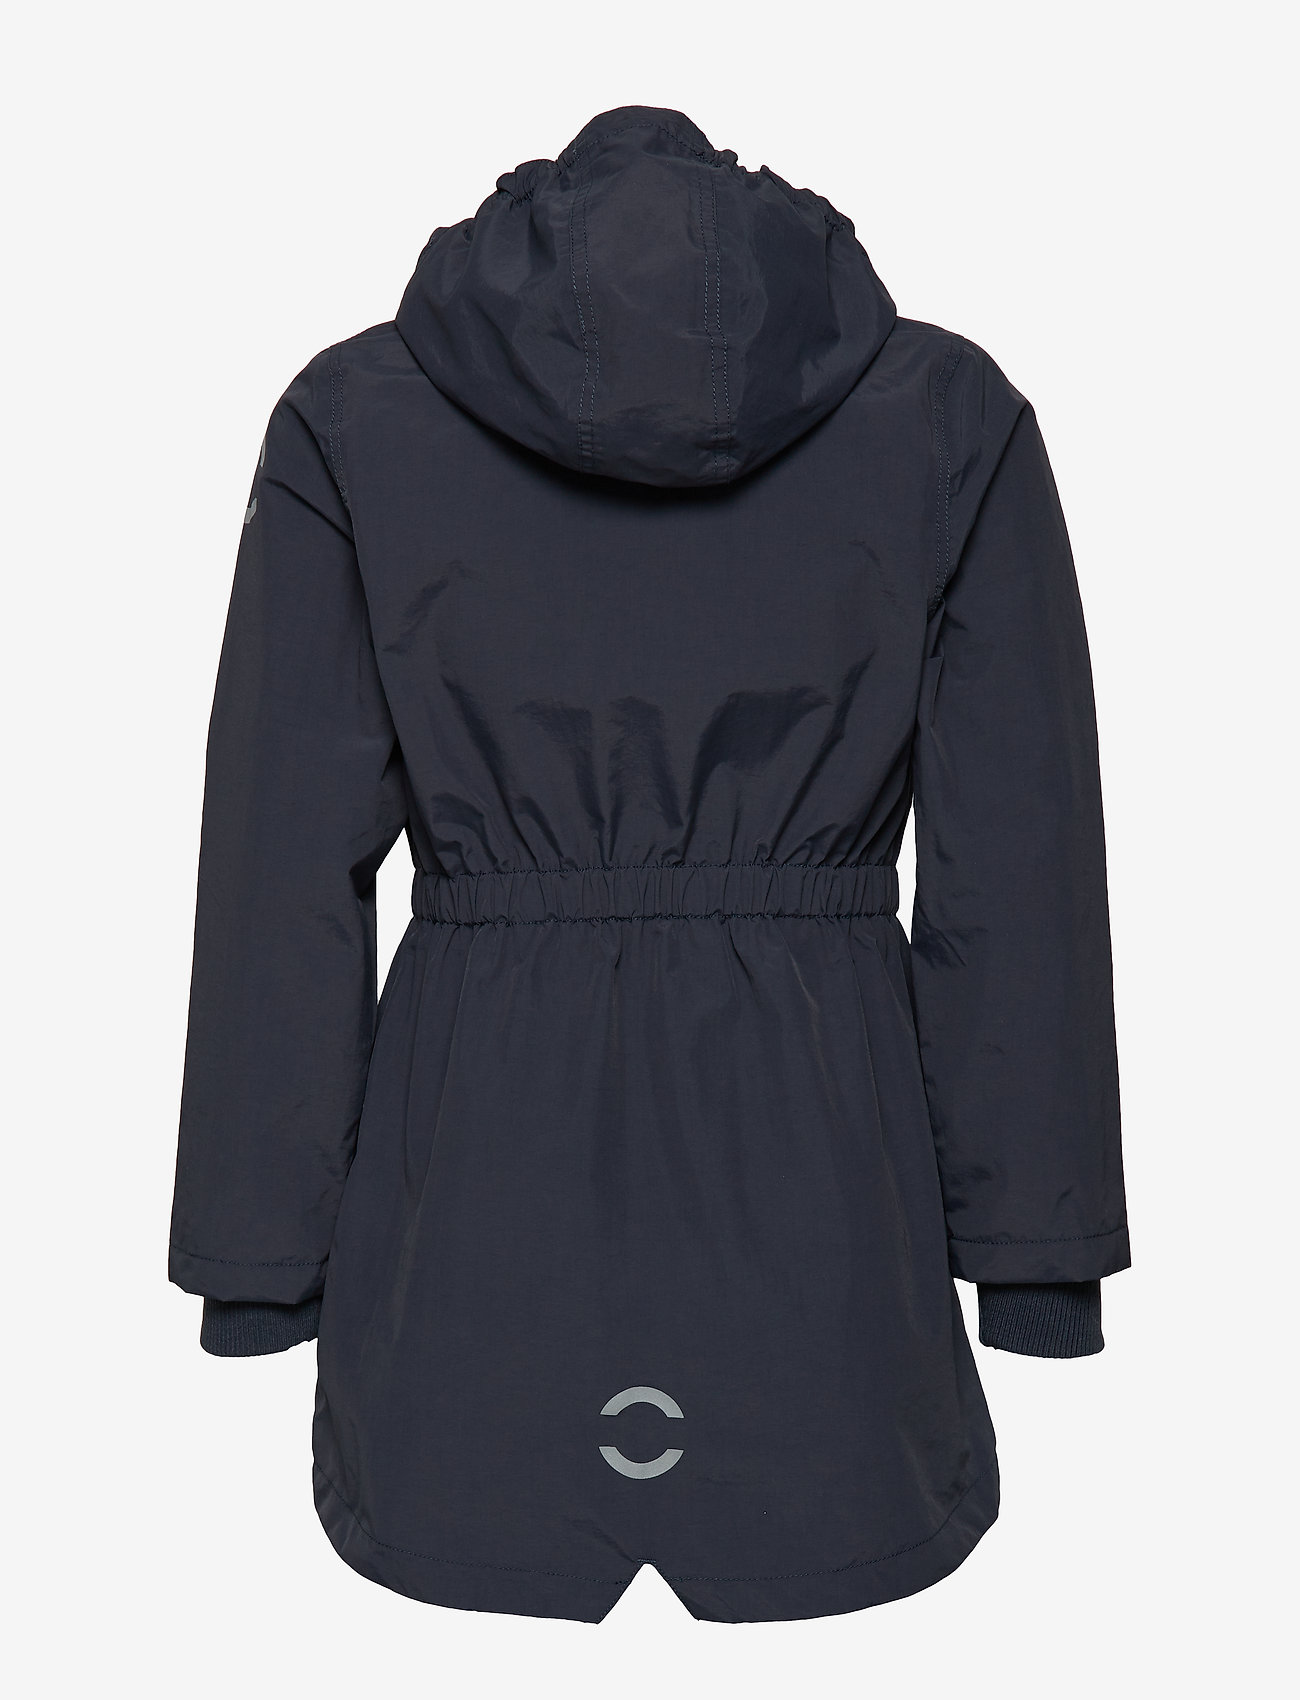 Mikk-line Nylon Girl Summer Coat - Jackor Blue Nights